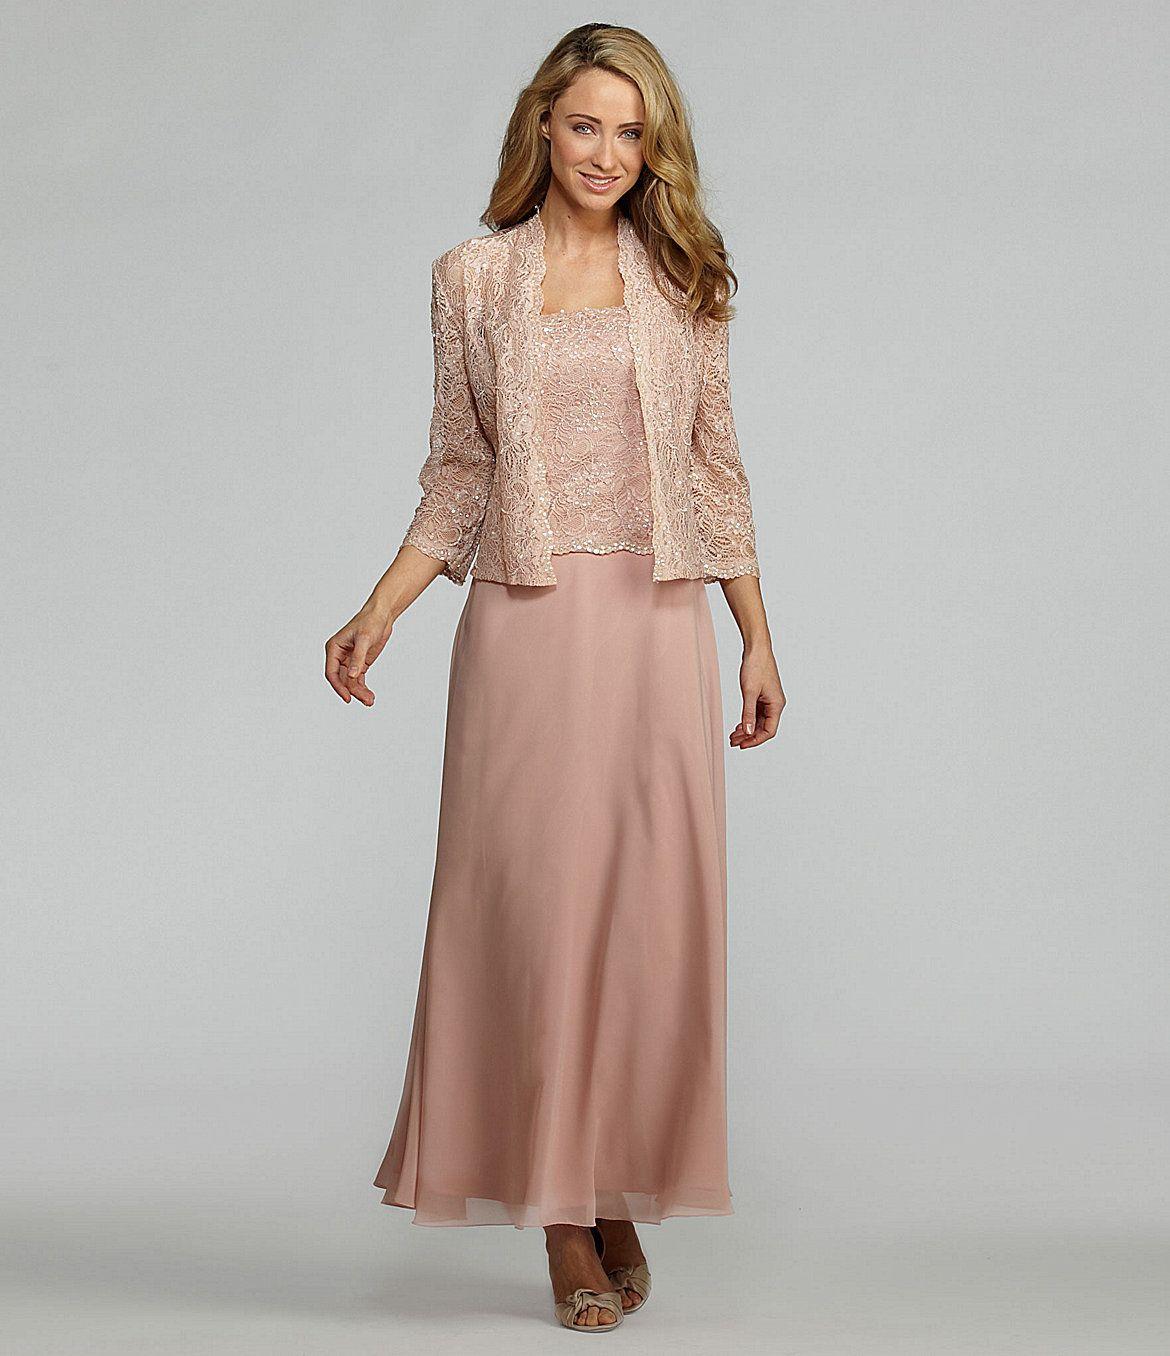 e71415b1610 KM Collections Lace Jacket Dress